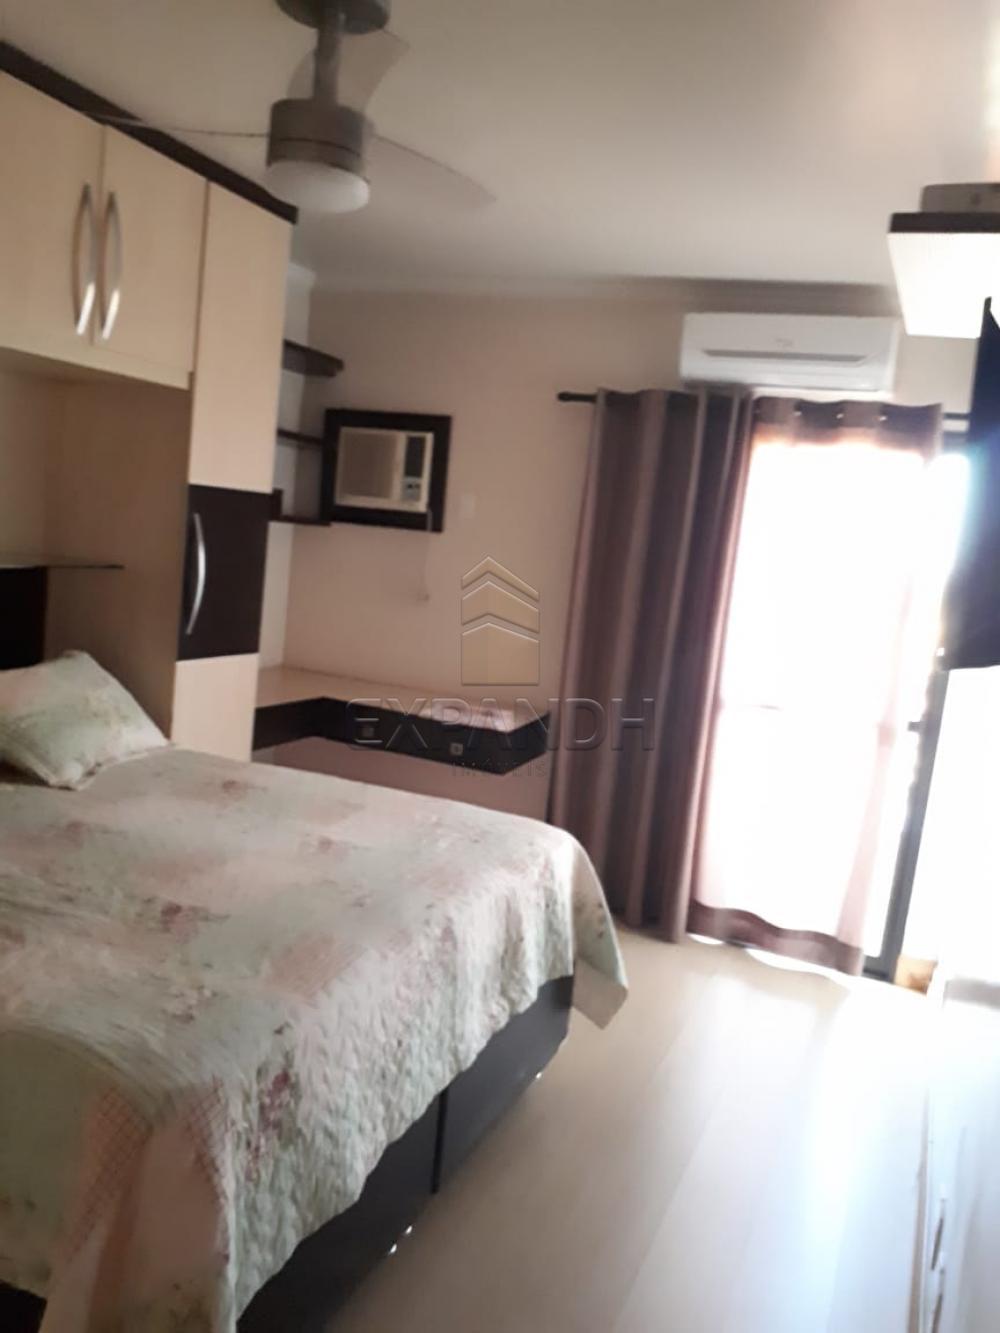 Comprar Apartamentos / Padrão em Sertãozinho R$ 380.000,00 - Foto 15